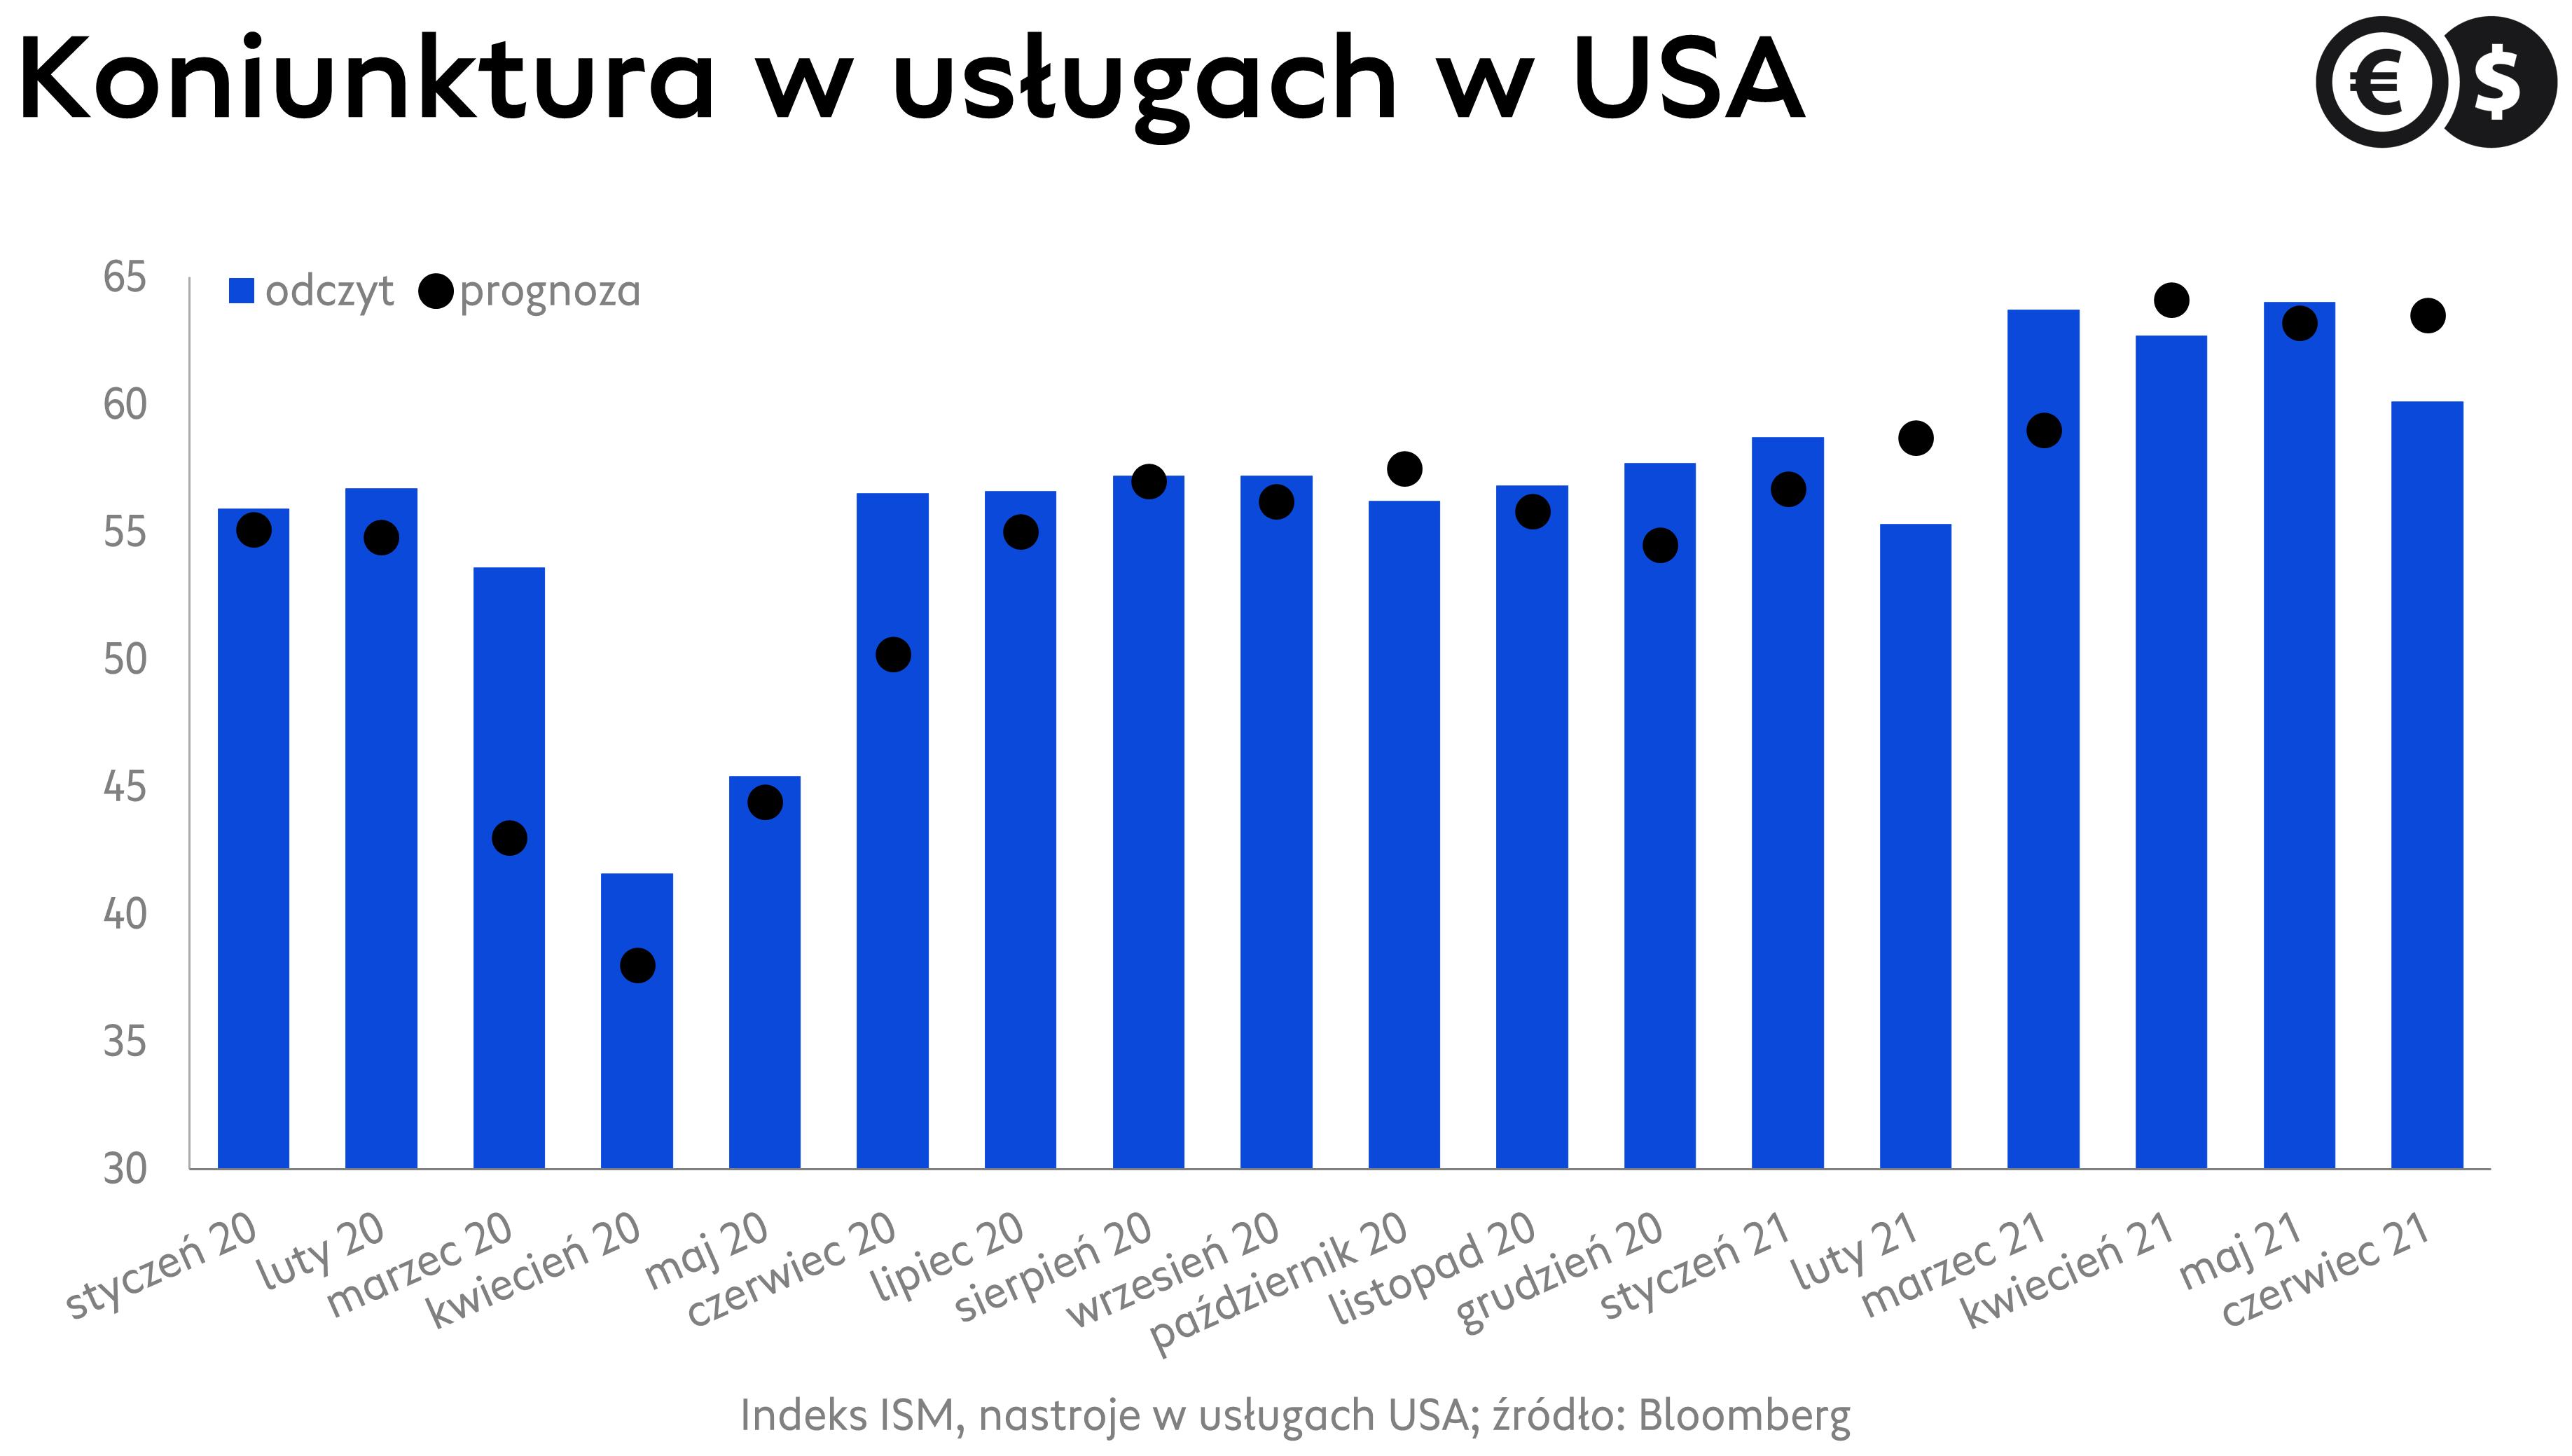 Koniunktura w usługach USA, indeks ISM; źródło: Bloomberg